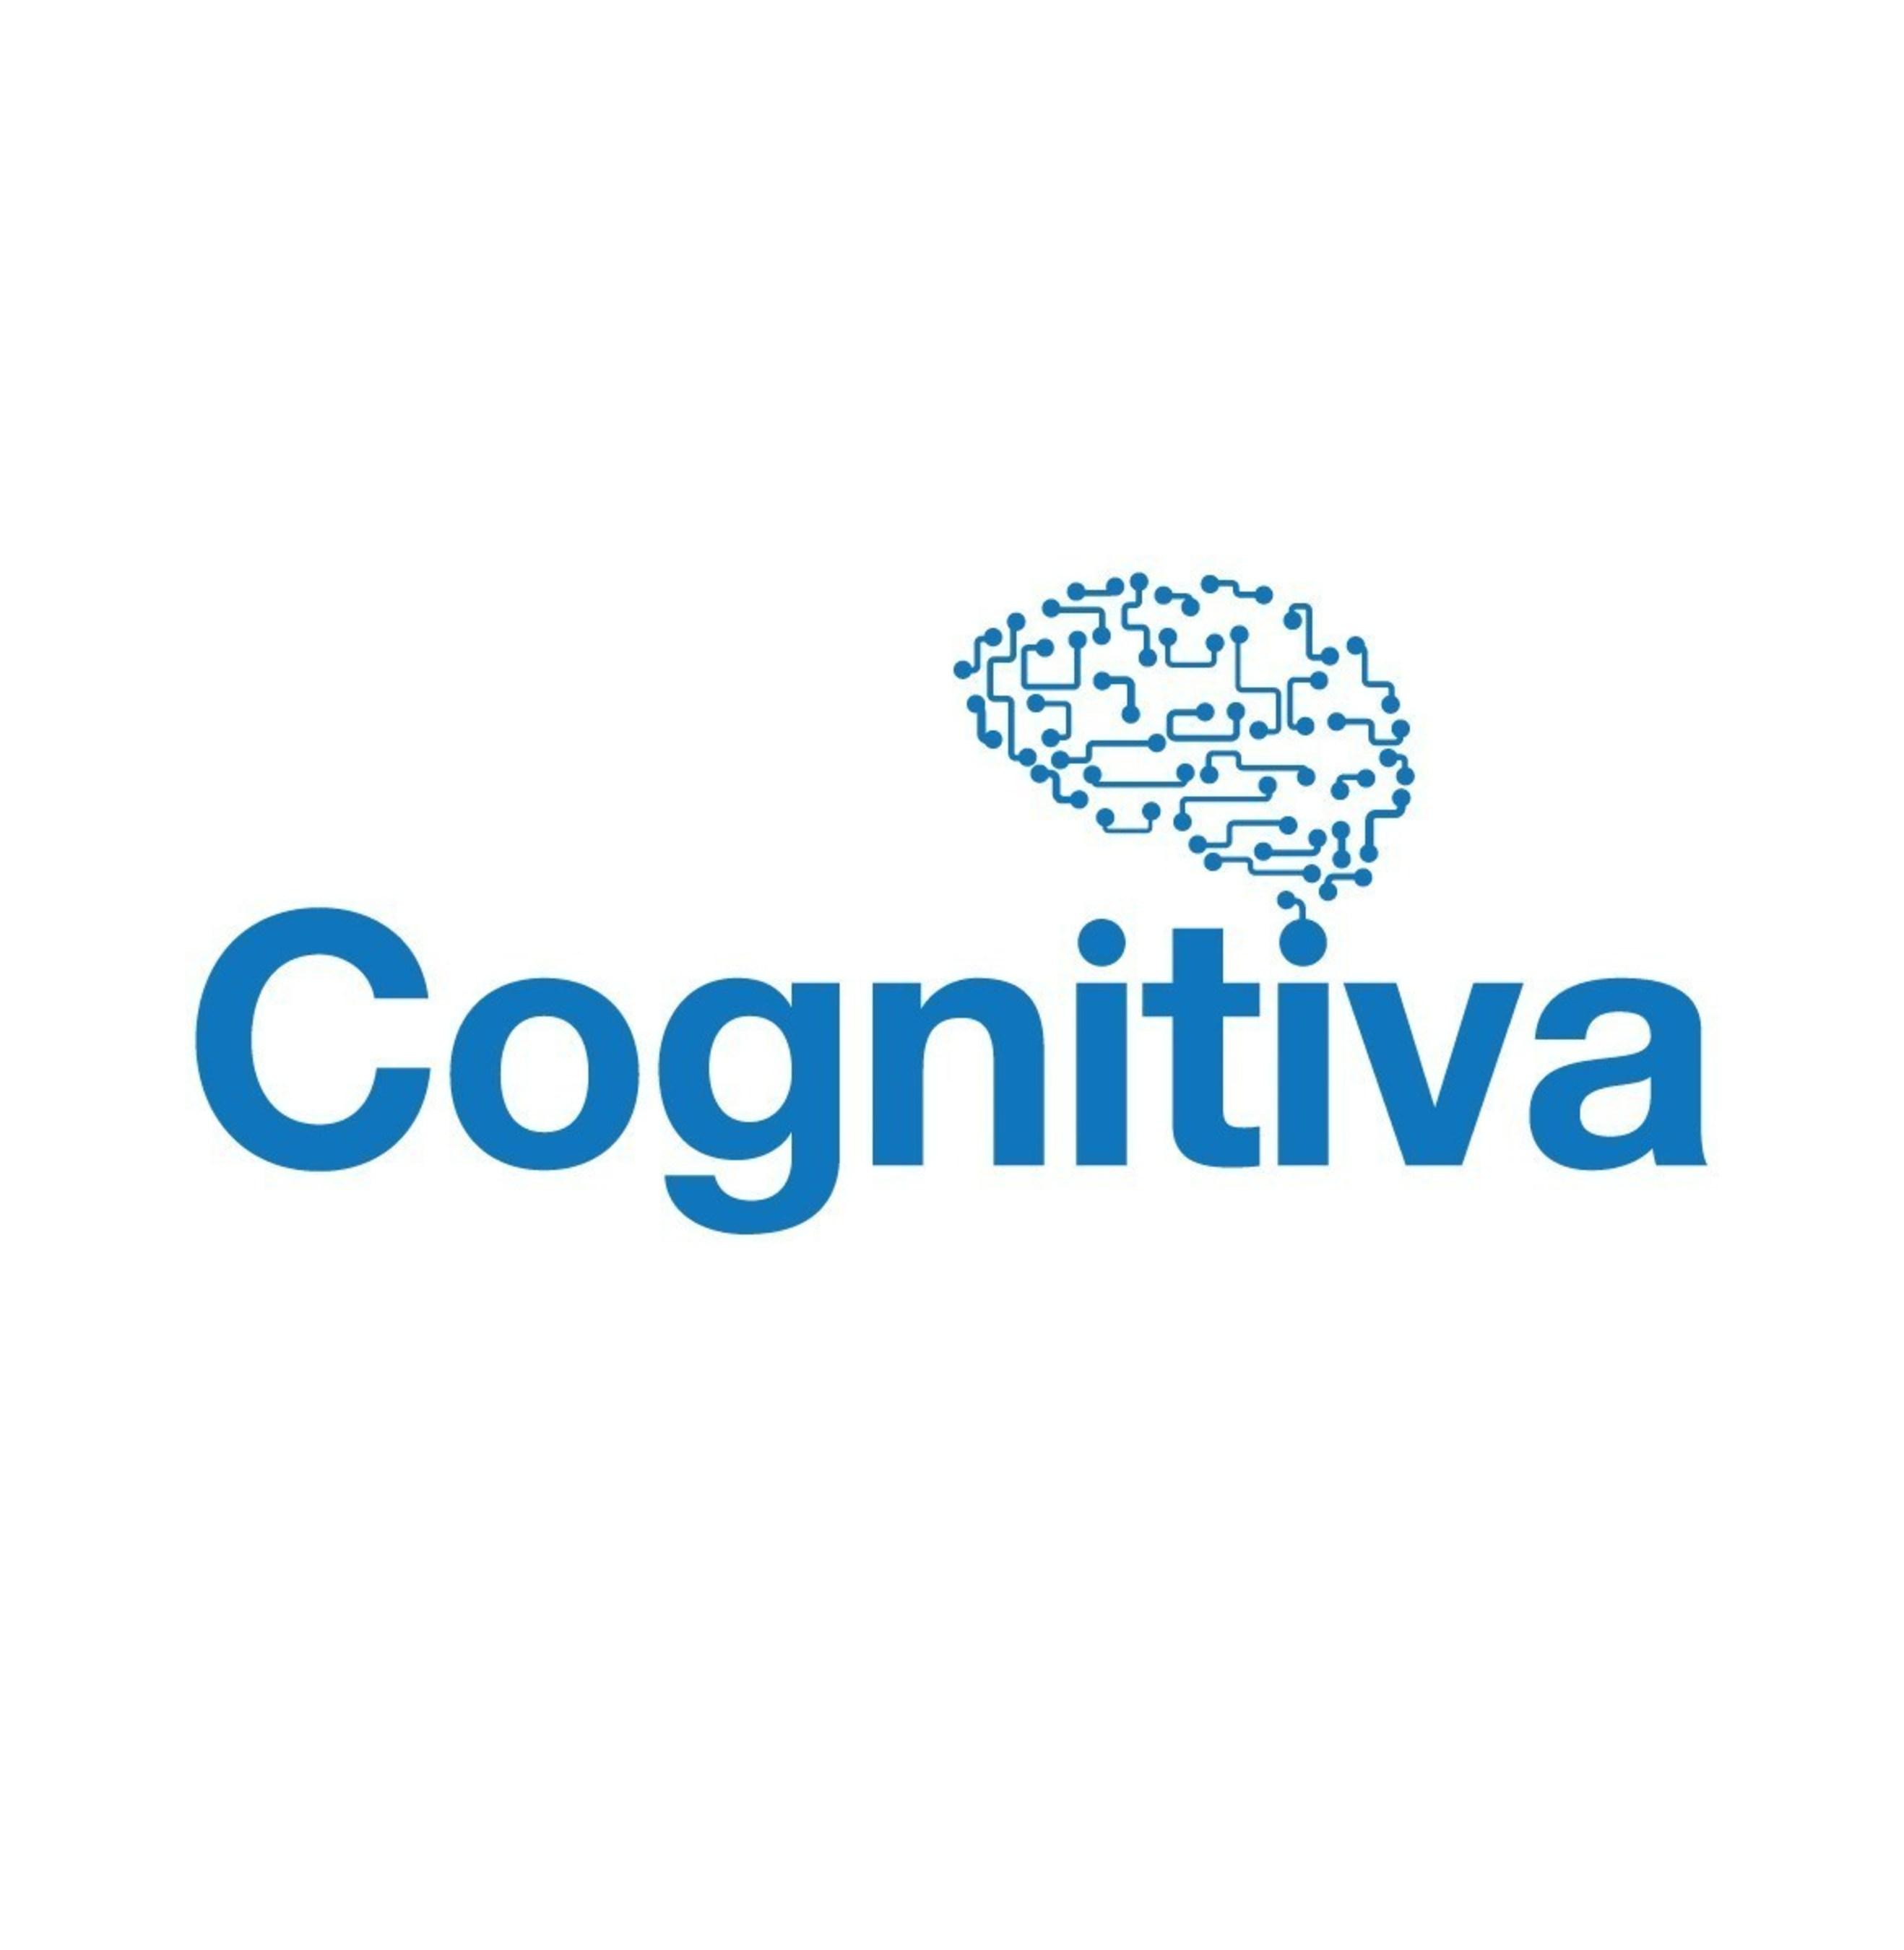 Cognitiva logo